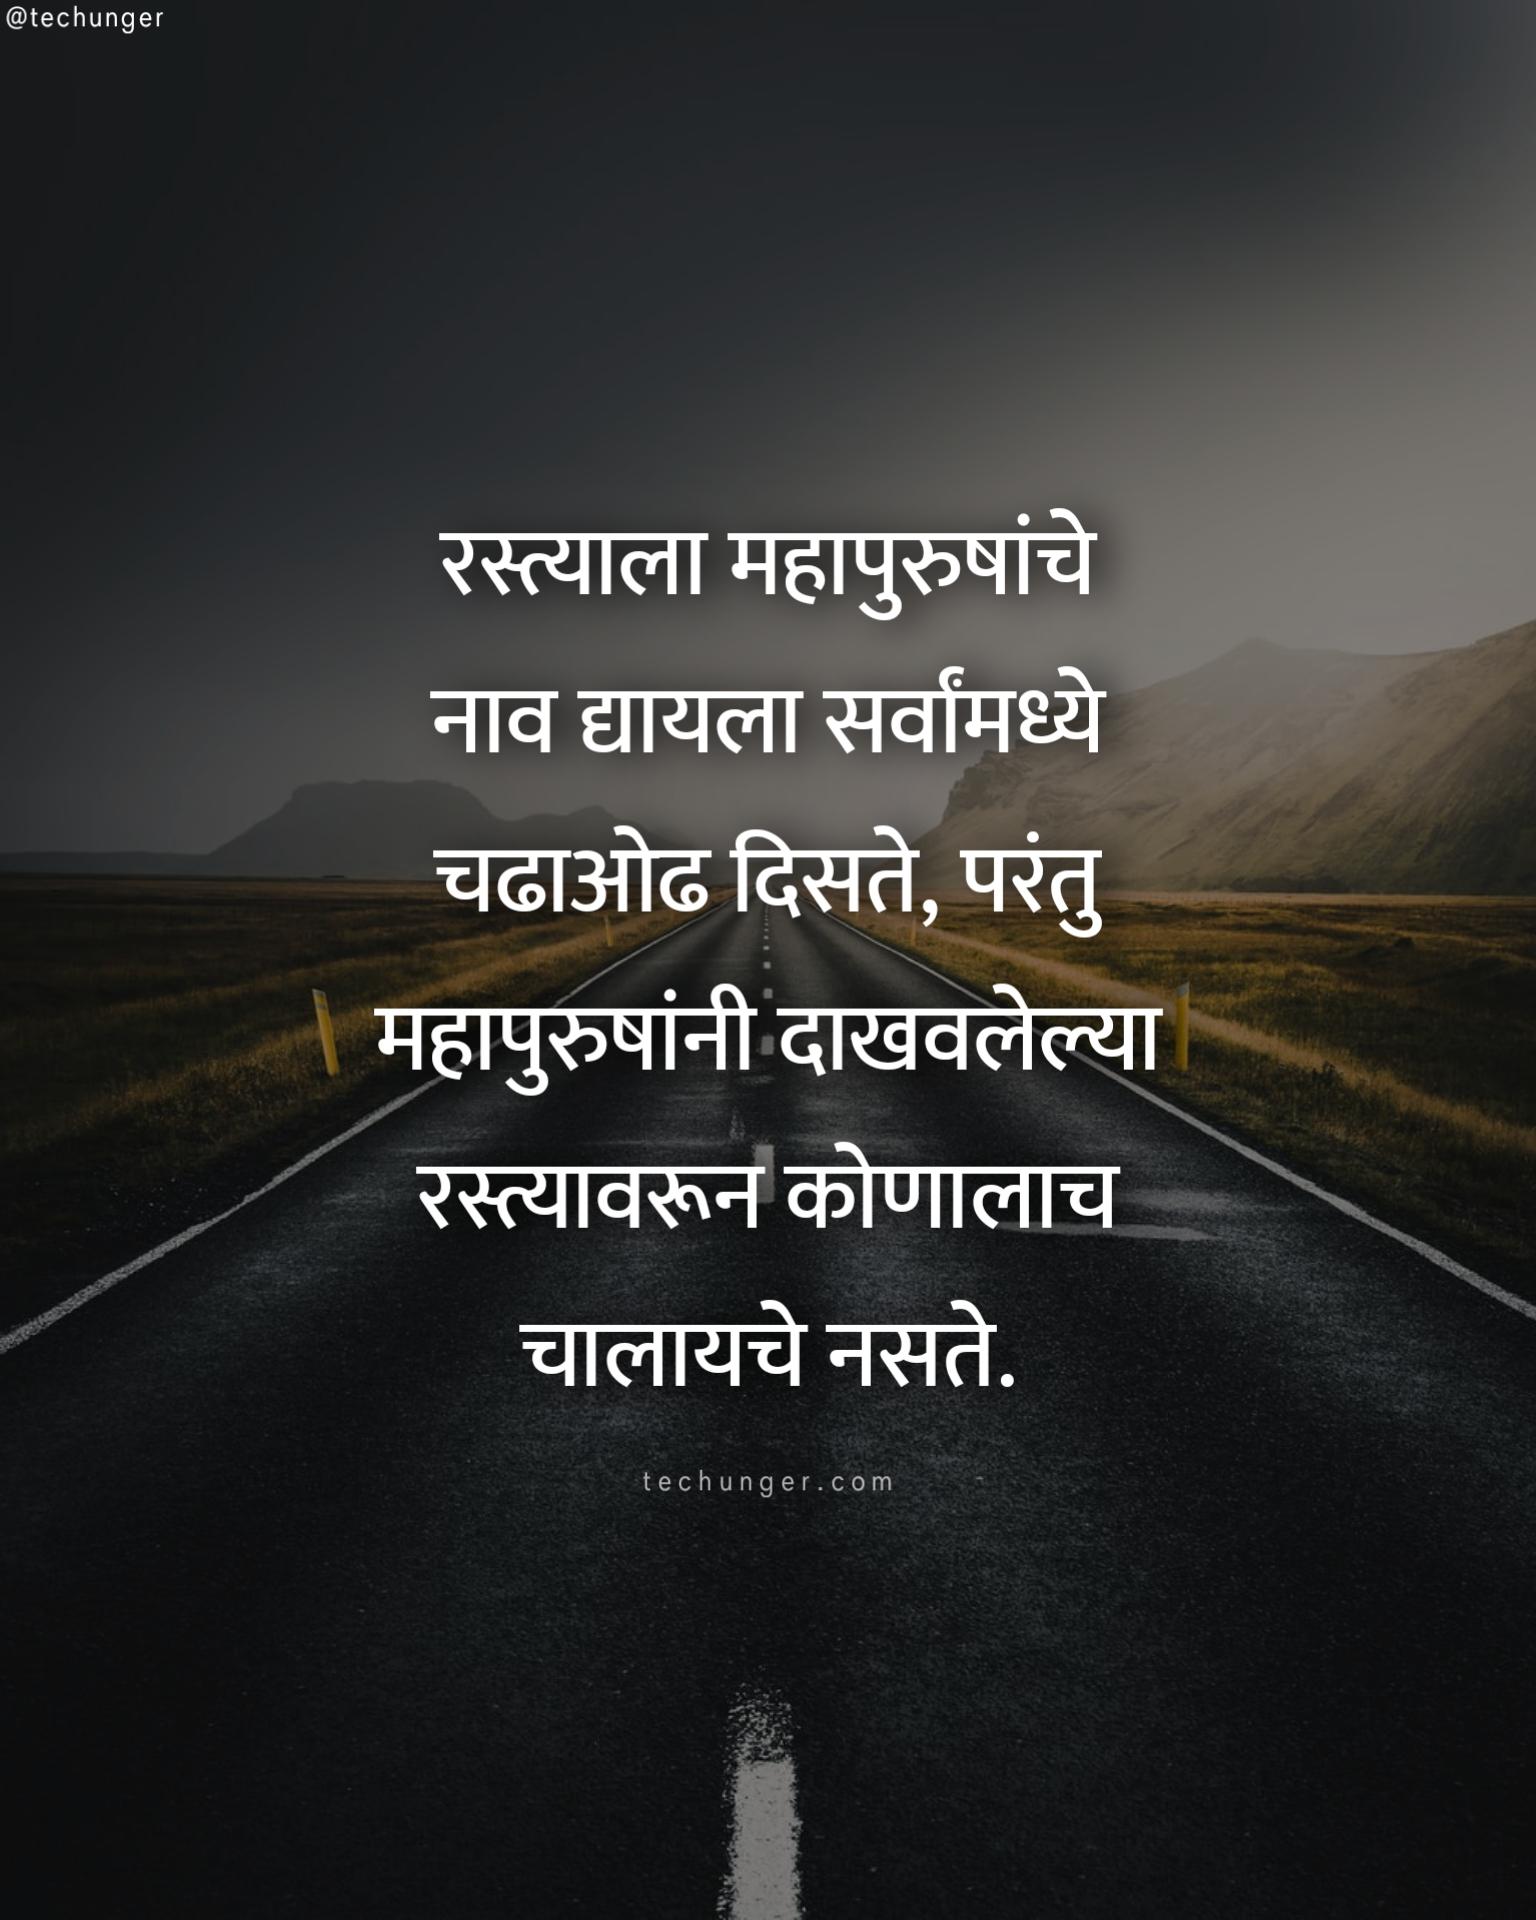 रस्त्याला महापुरुषांचे नाव द्यायला सर्वांमध्ये चढाओढ दिसते, परंतु महापुरुषांनी दाखवलेल्या रस्त्यावरून कोणालाच चालायचे नसते, techunger suvichar, assal marathi suvichar, saurabh chaudhari